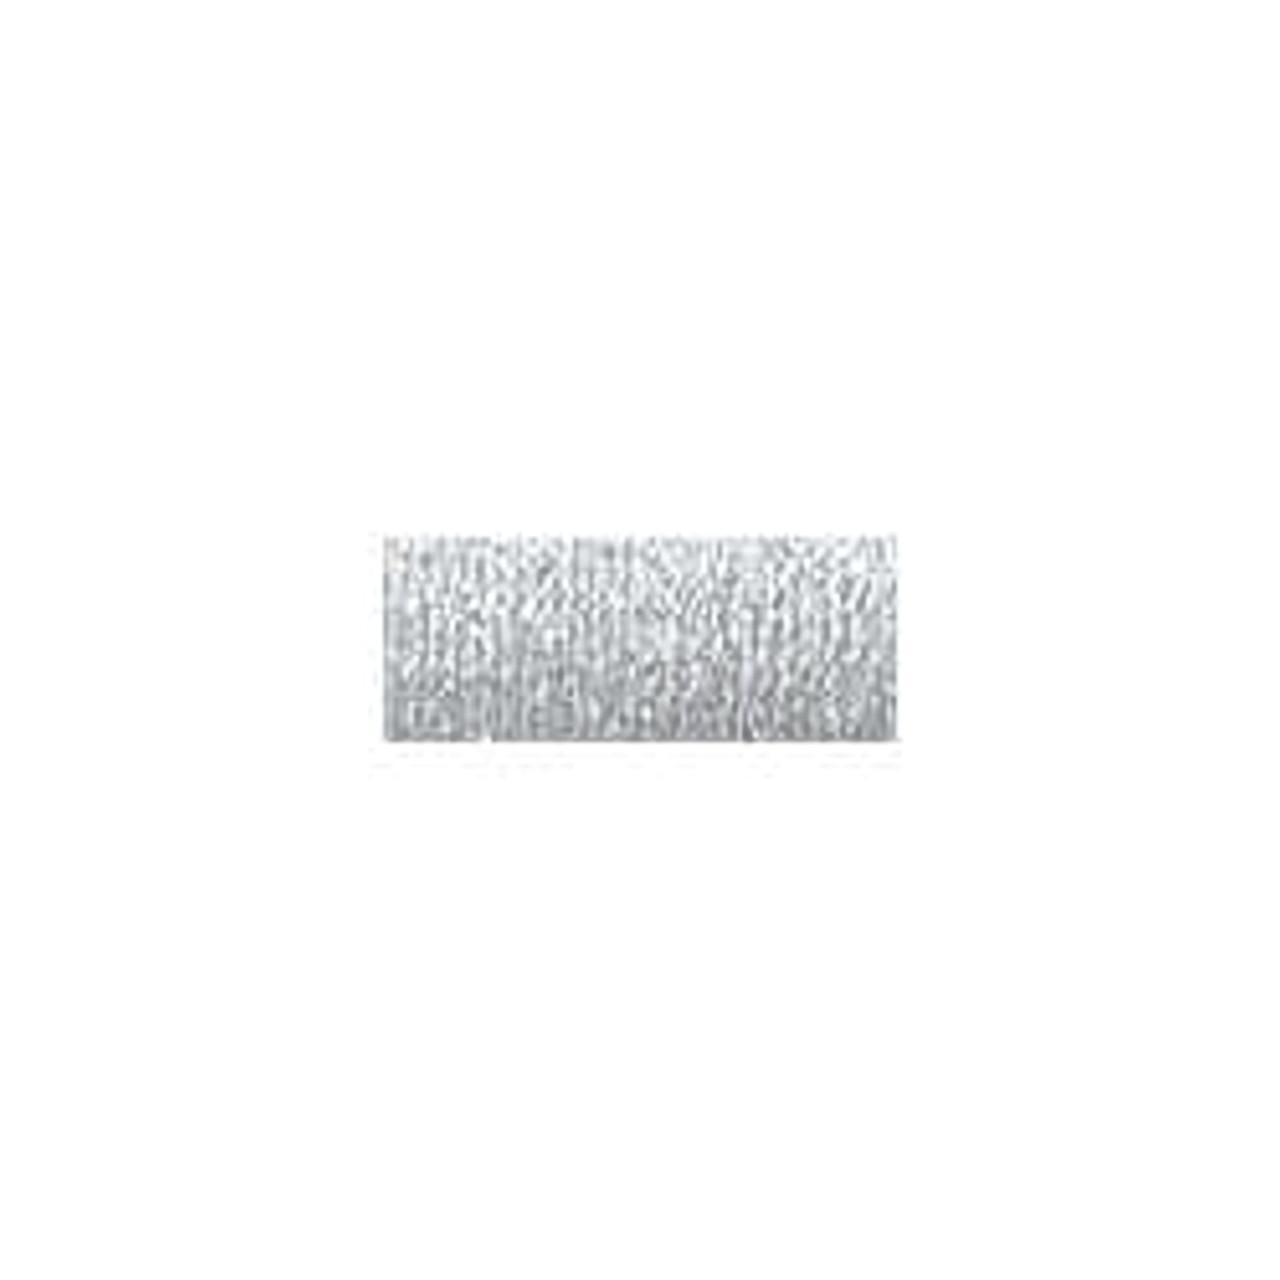 Kreinik Metallics Blending Filament - Pearl #032